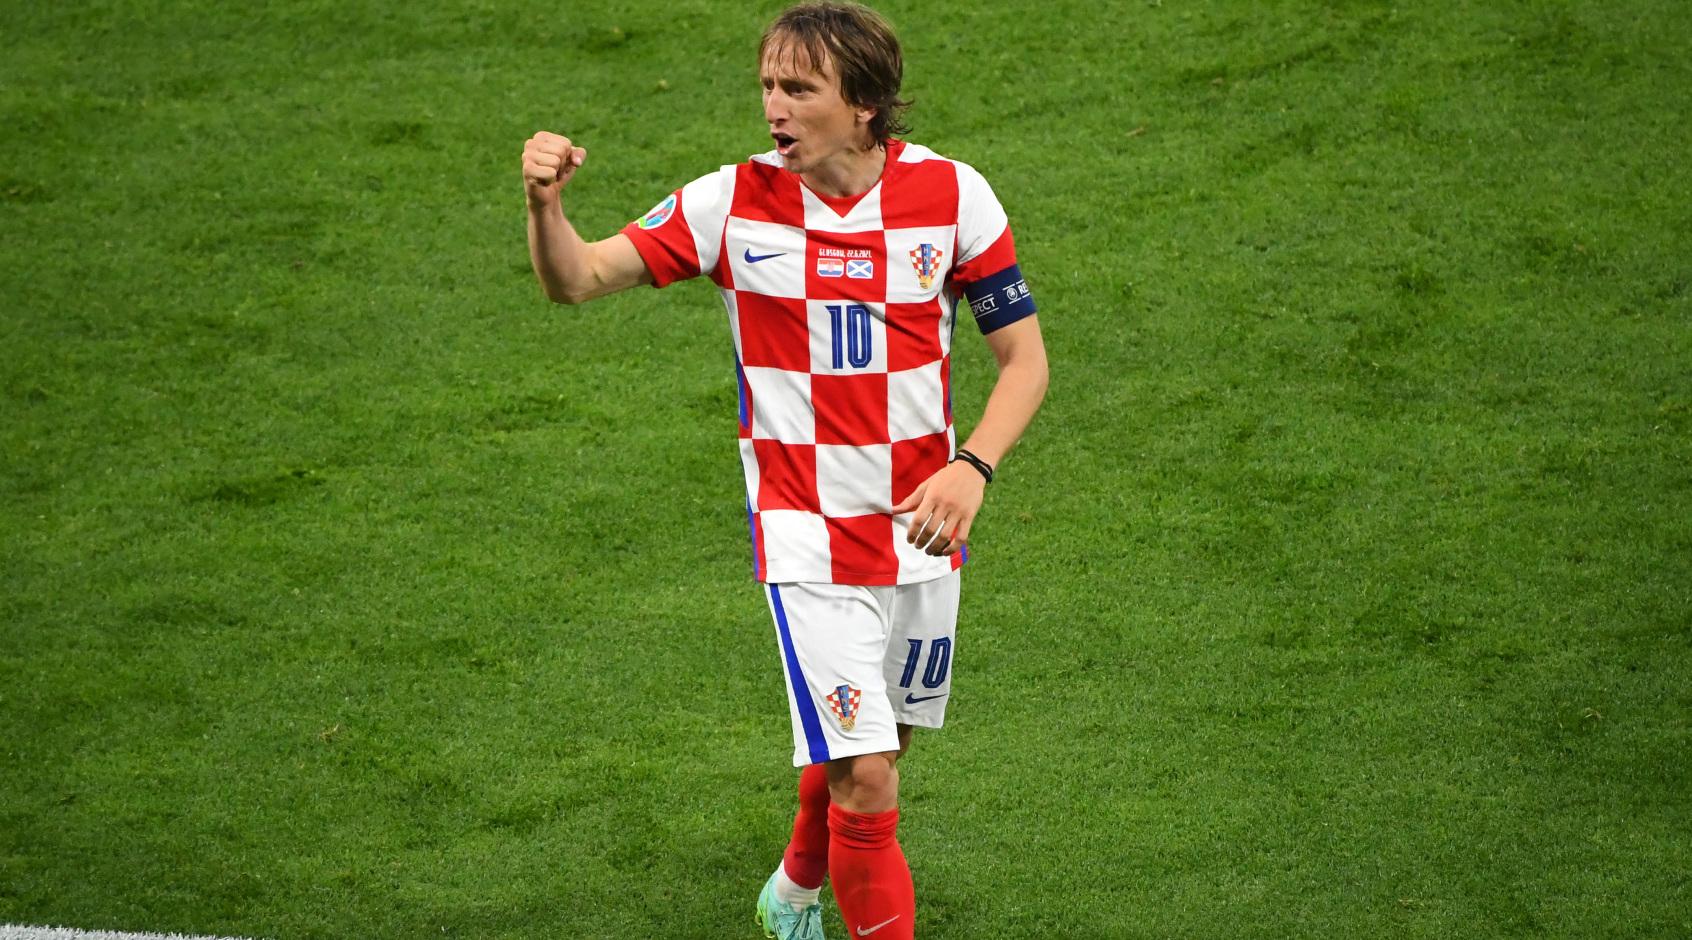 Лука Модрич стал самым возрастным и самым молодым автором гола сборной Хорватии на Евро